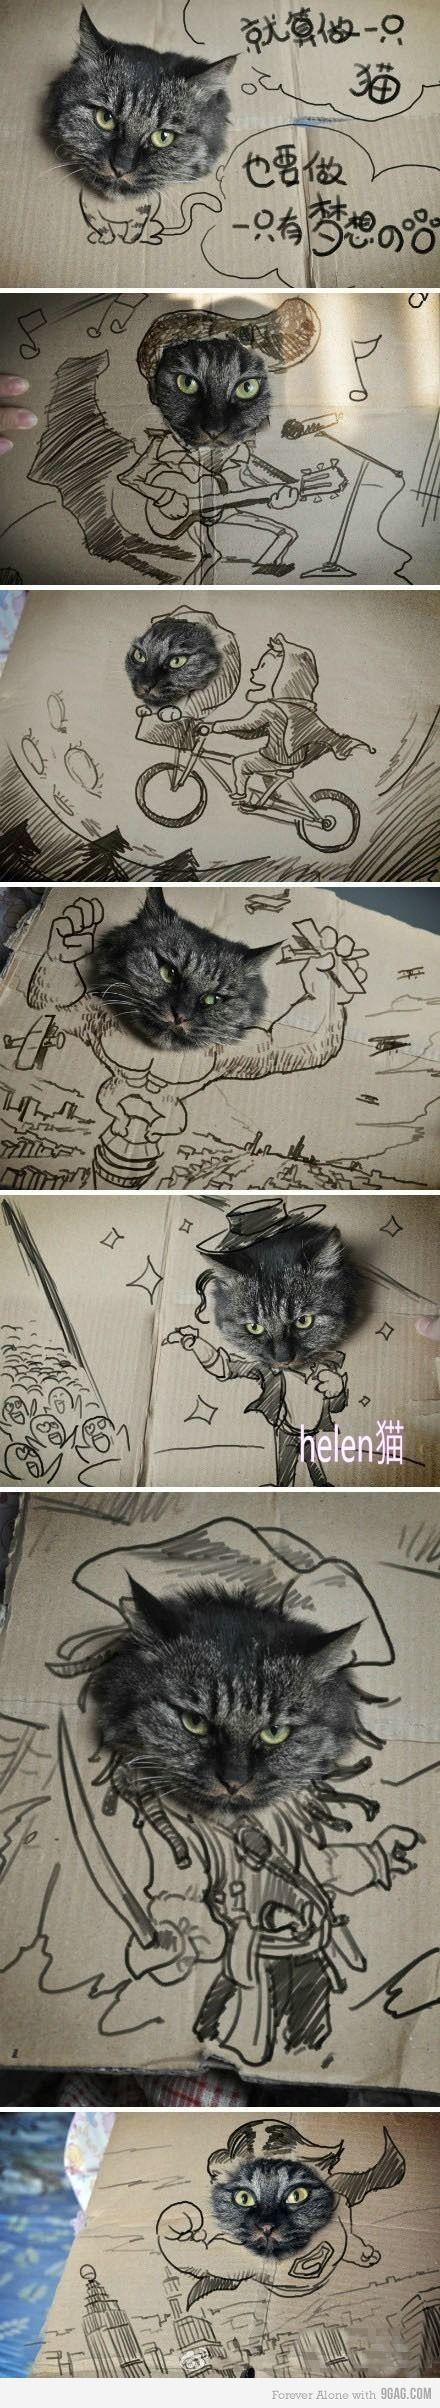 ha!: Cats, Cat Art, Kitty Cat, Dreams, Comic, Funny Cat, Pet, So Funny, Animal